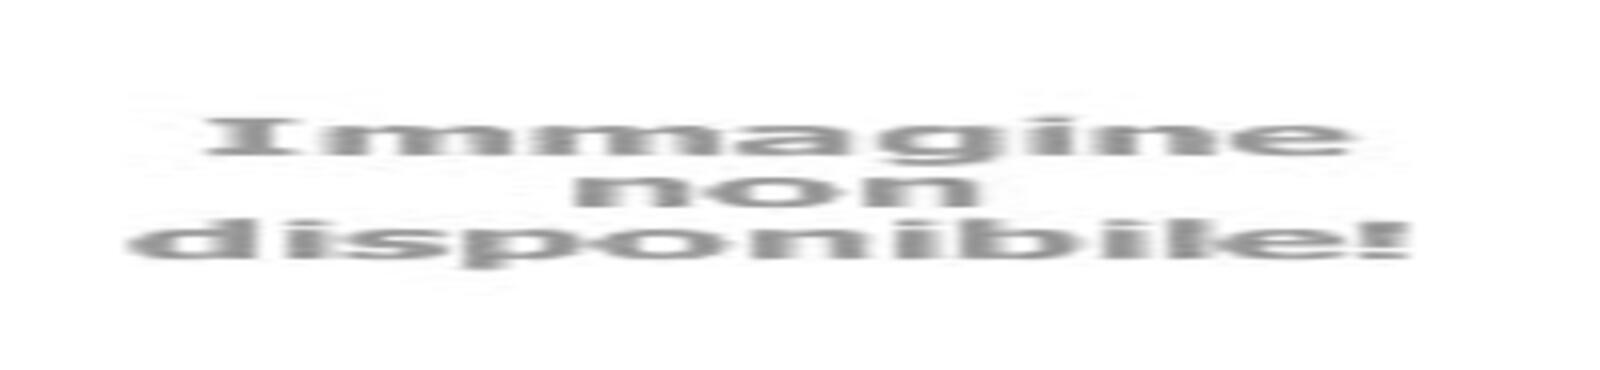 petronianaviaggi it la-magia-della-sicilia-letteraria-v314 002